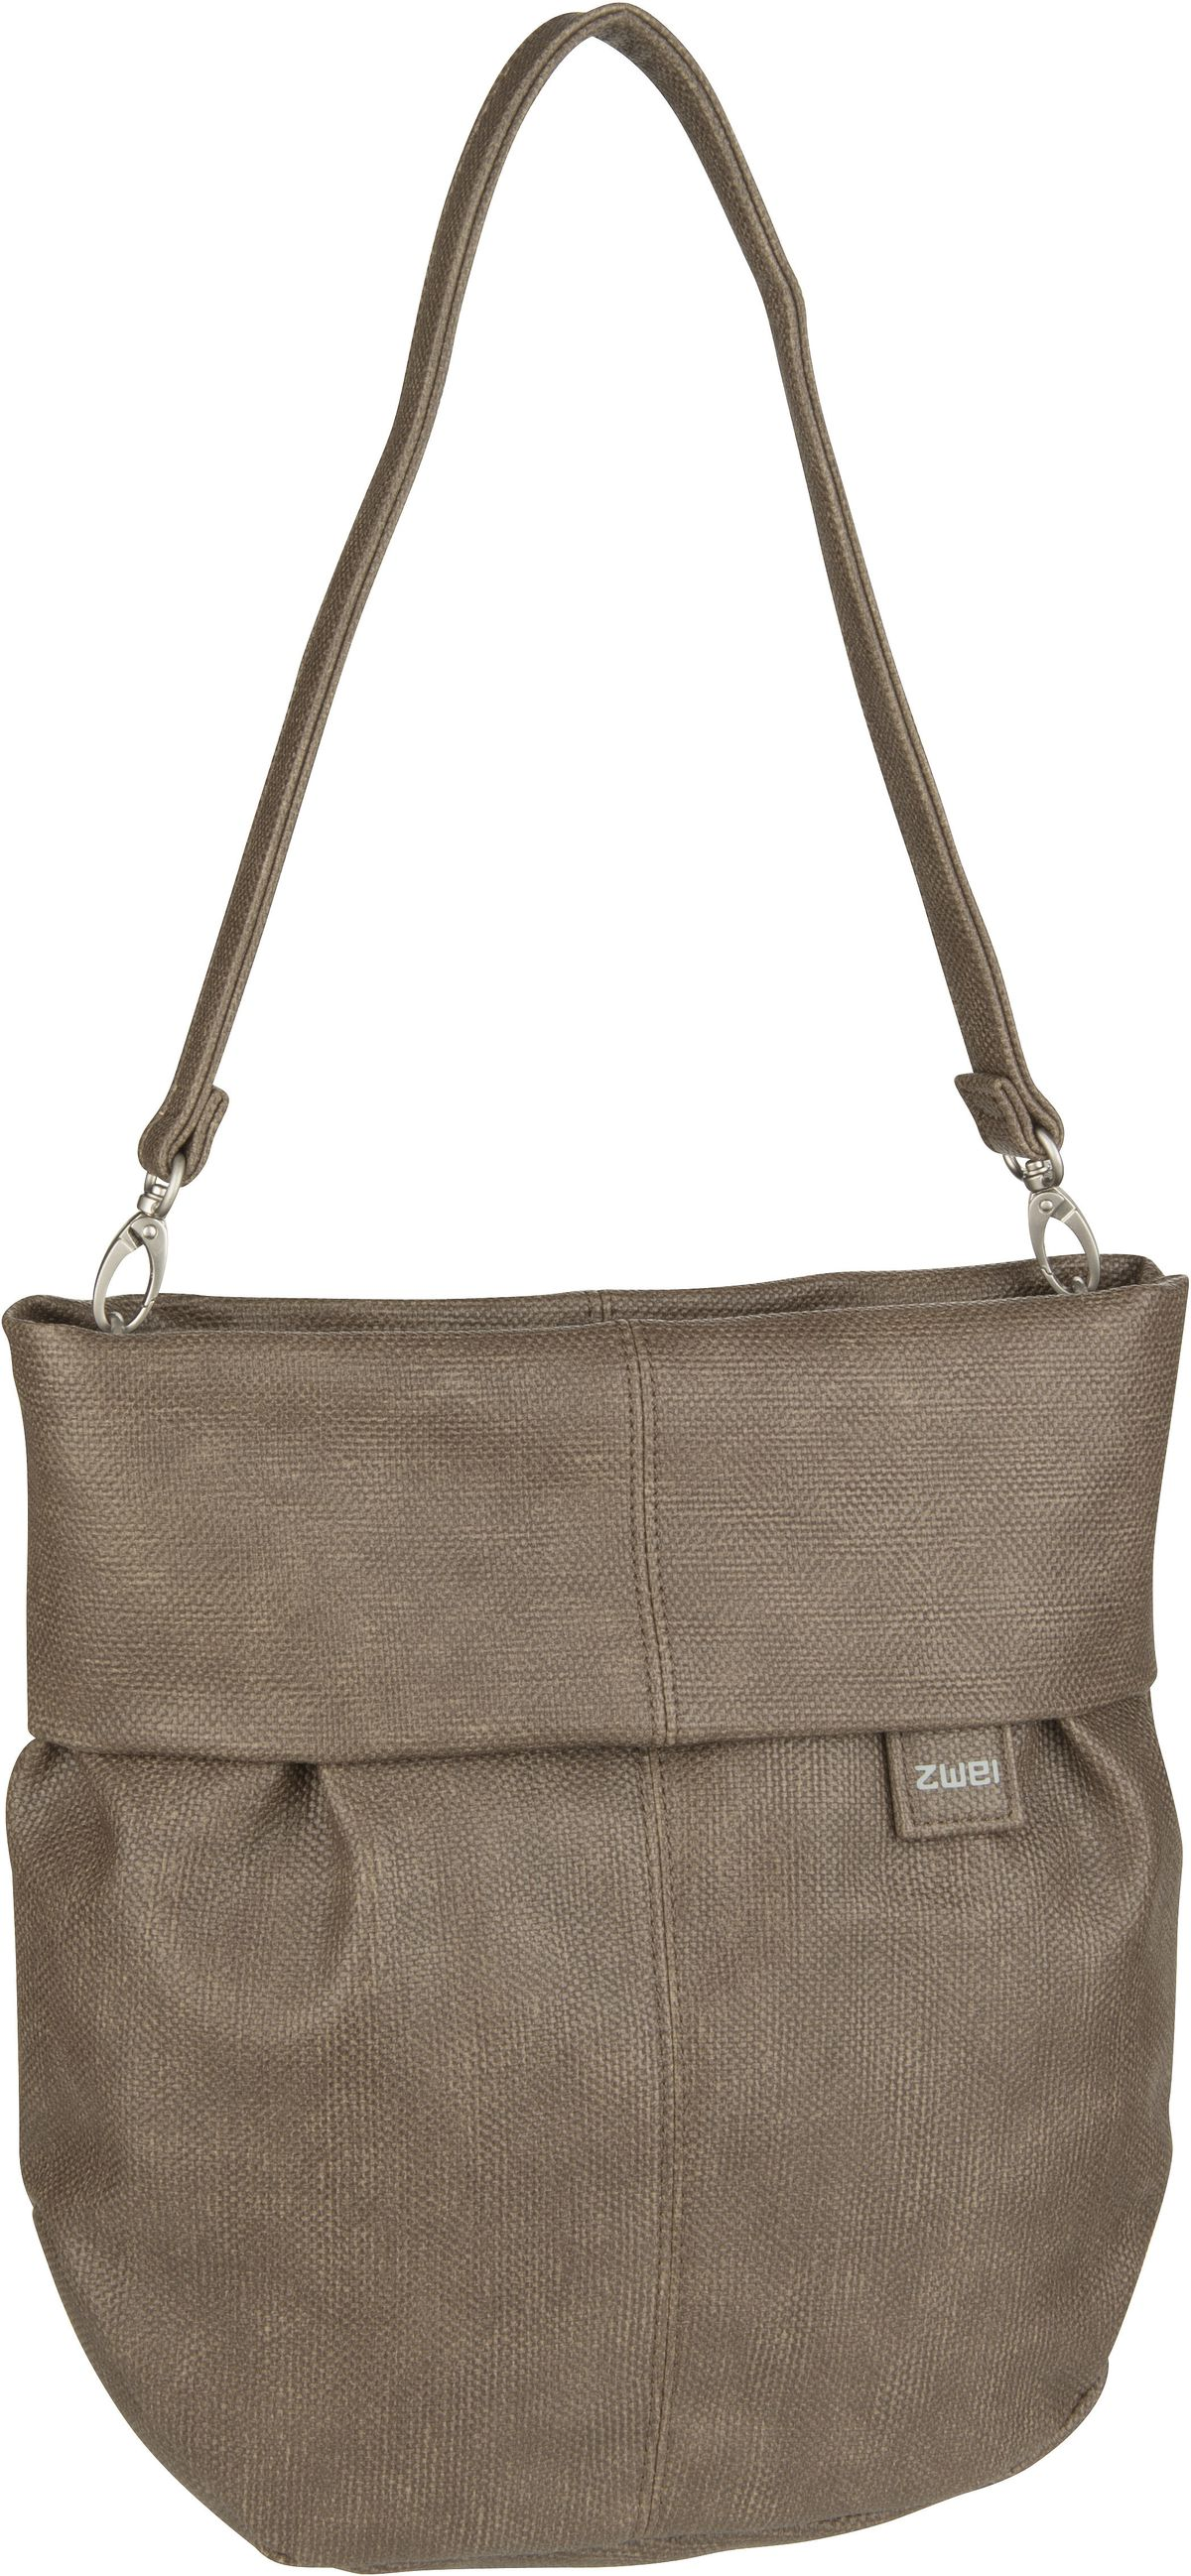 Handtasche Mademoiselle M100 Canvas/Basalt (5 Liter)